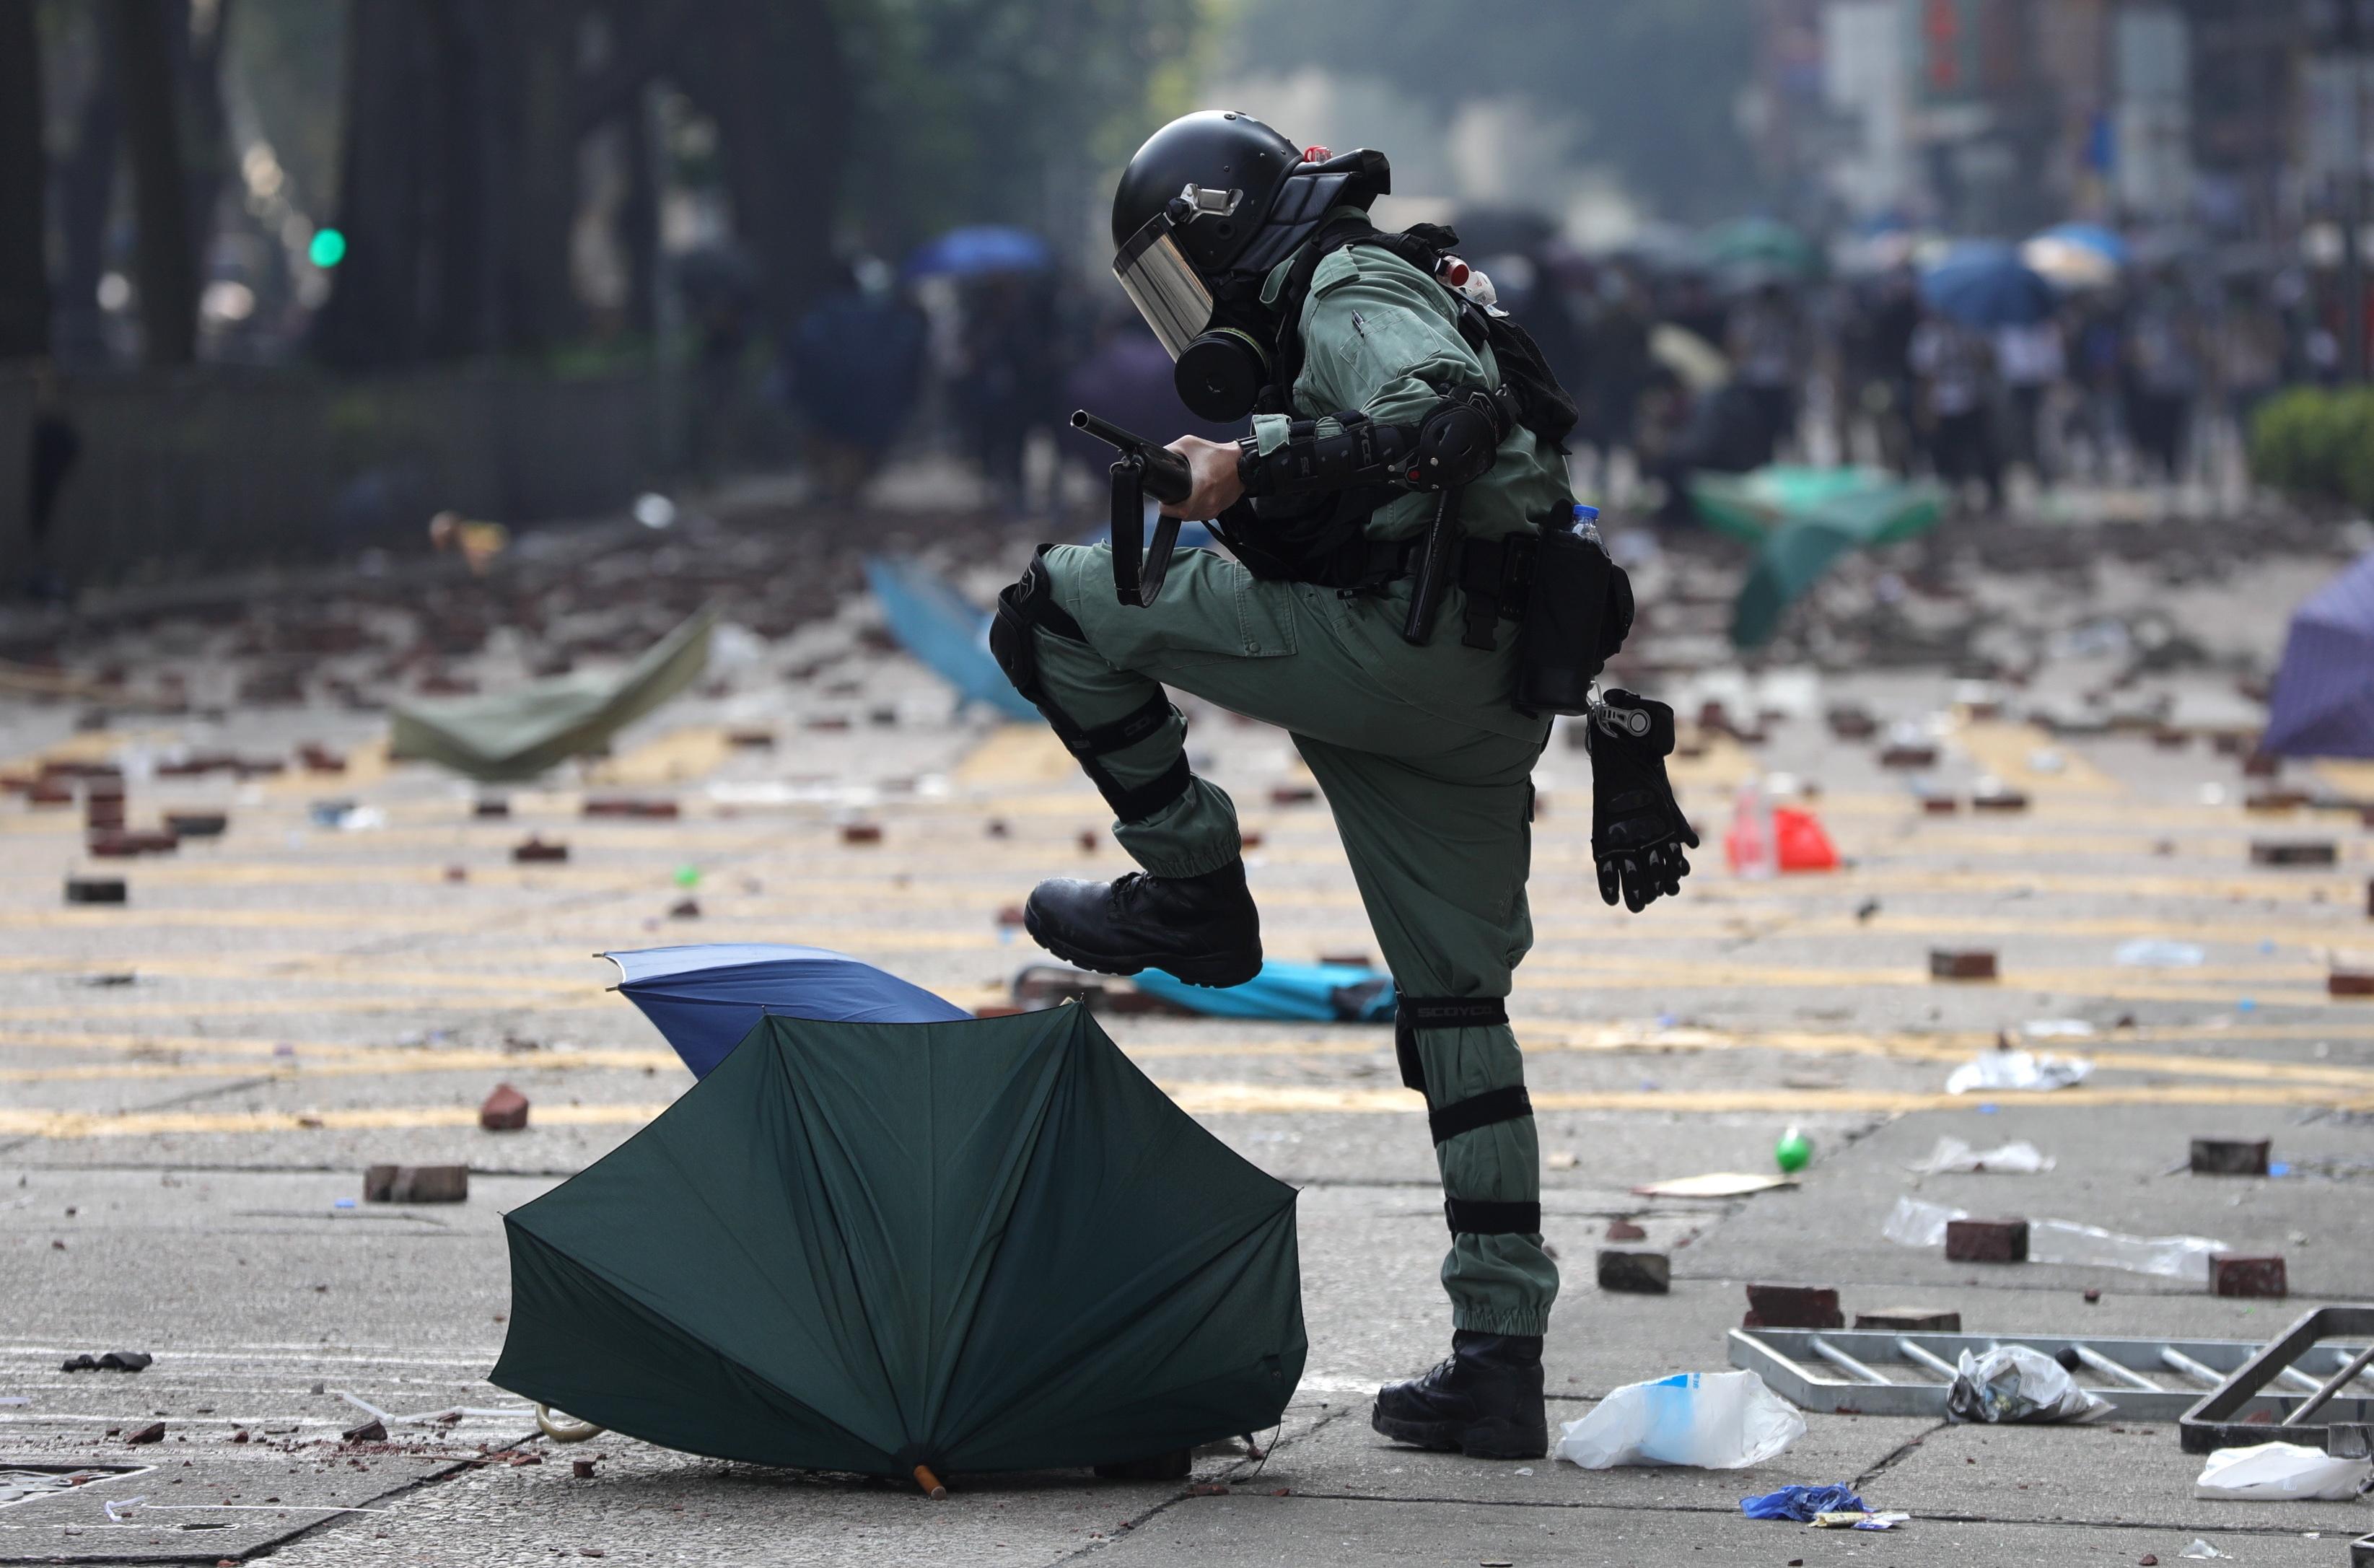 """""""Manter a lei e a ordem"""". Novo chefe da polícia de Hong Kong toma posse com aprovação de Pequim"""